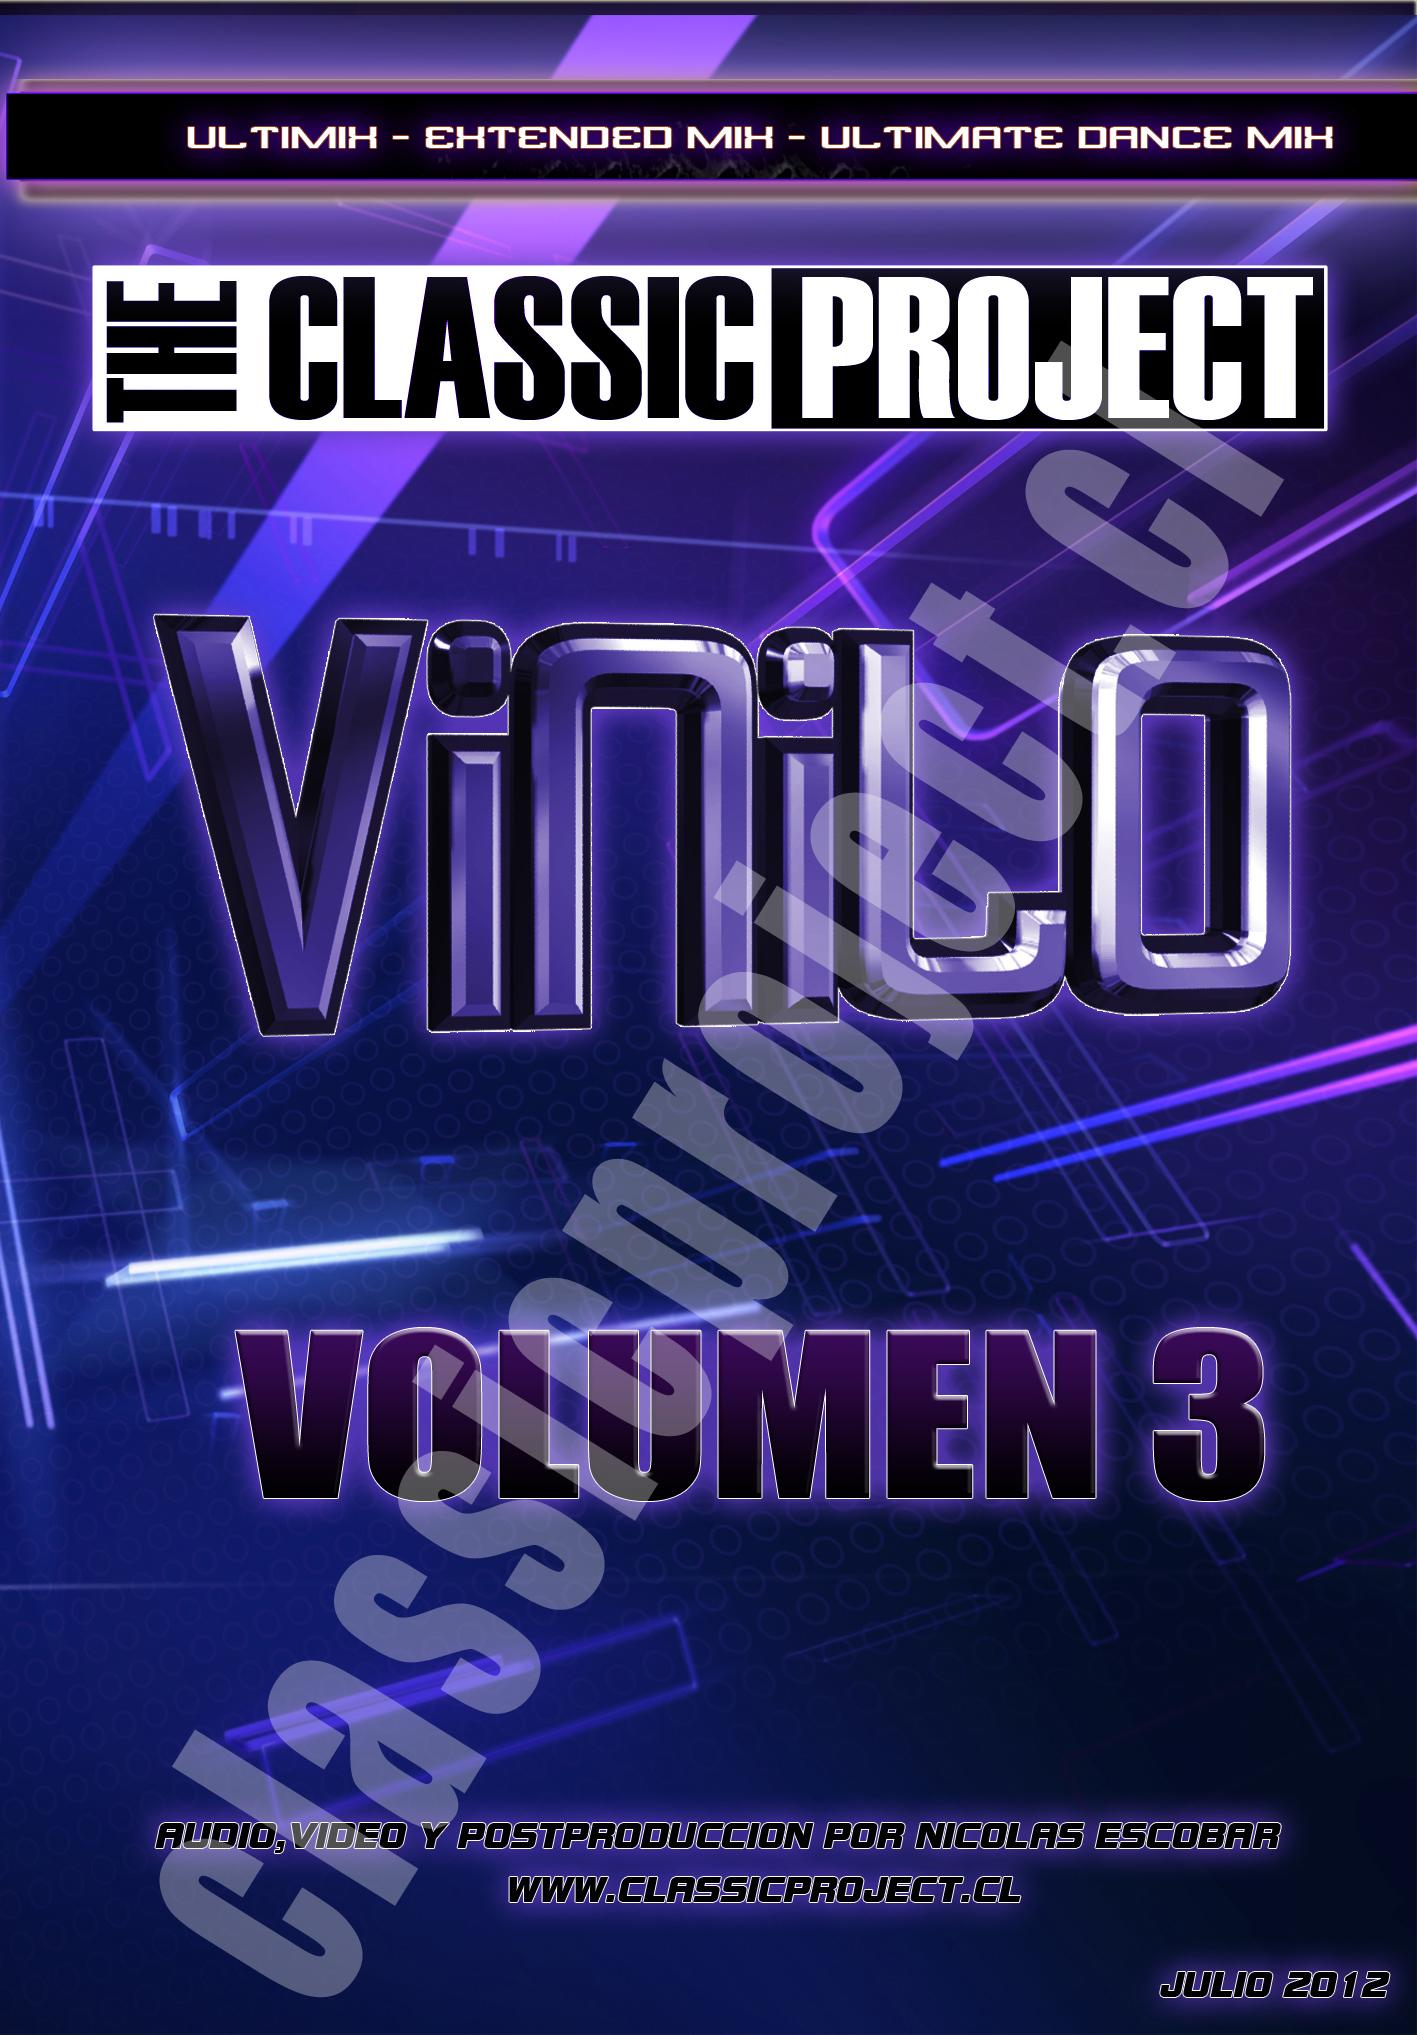 Classic Project Vinilo Vol 3